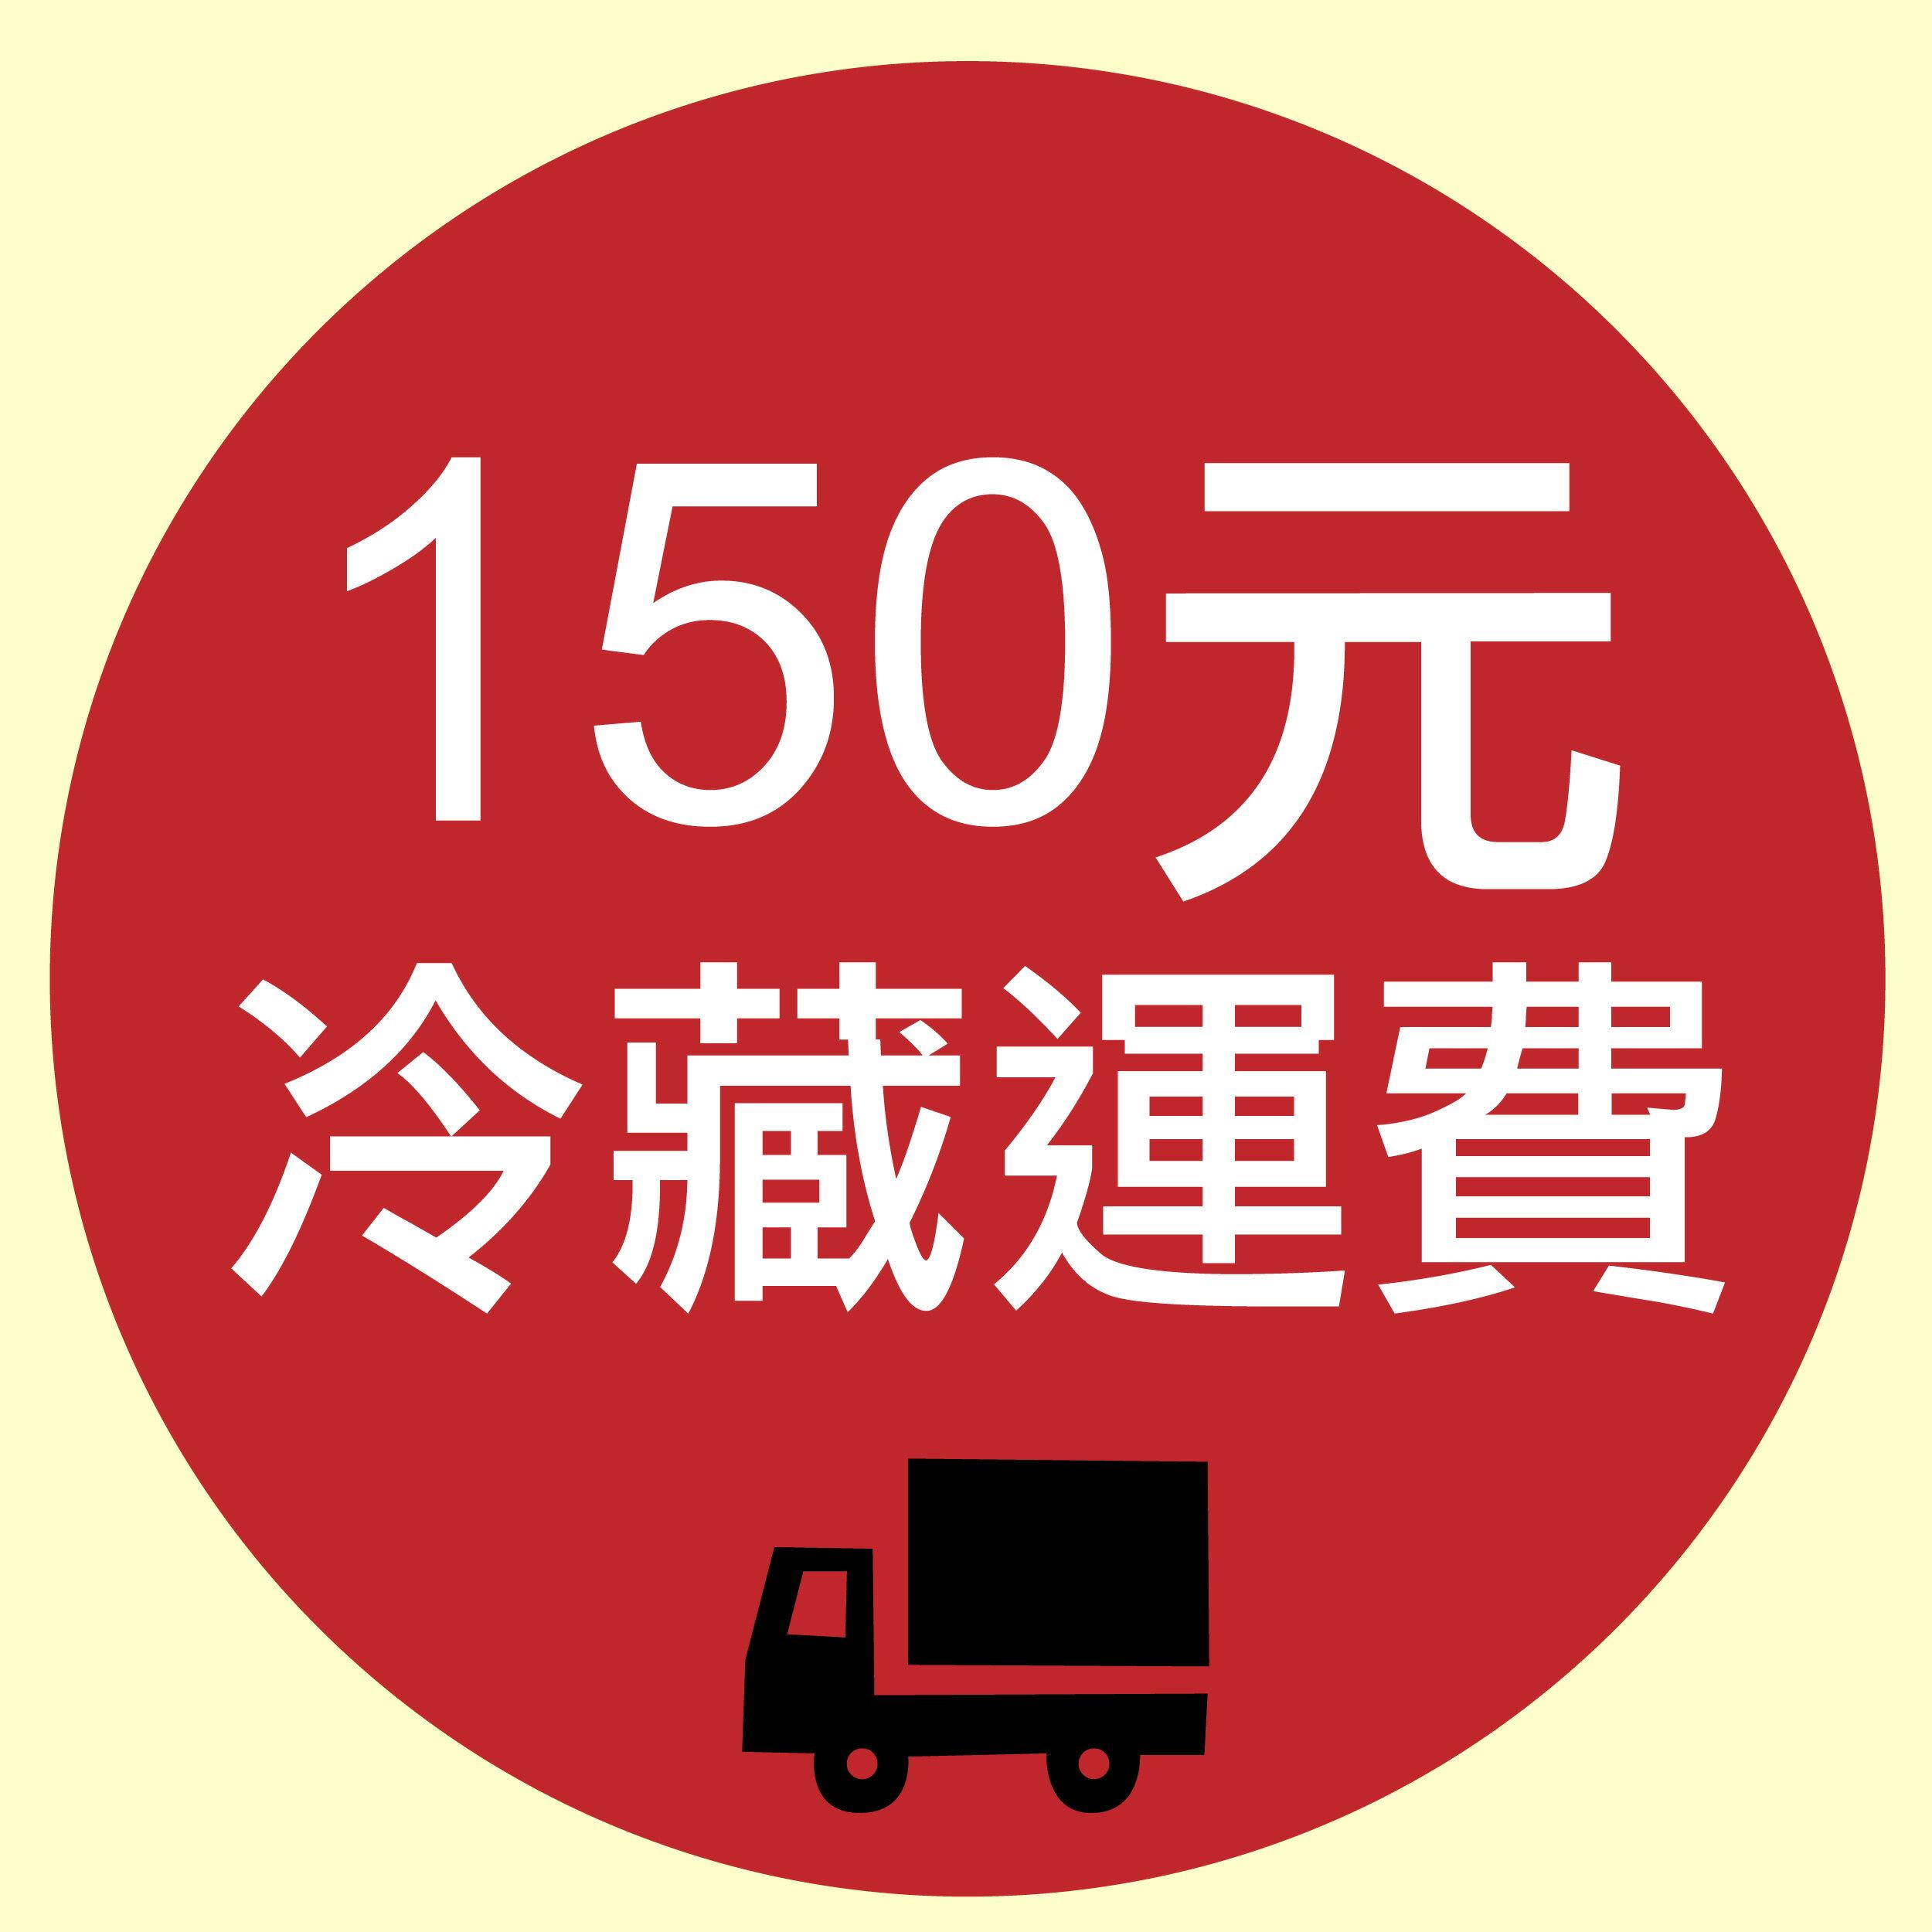 布丁禮盒可寄送單一地址,若要分寄地址,請額外【加購運費150元】 - 限時優惠好康折扣